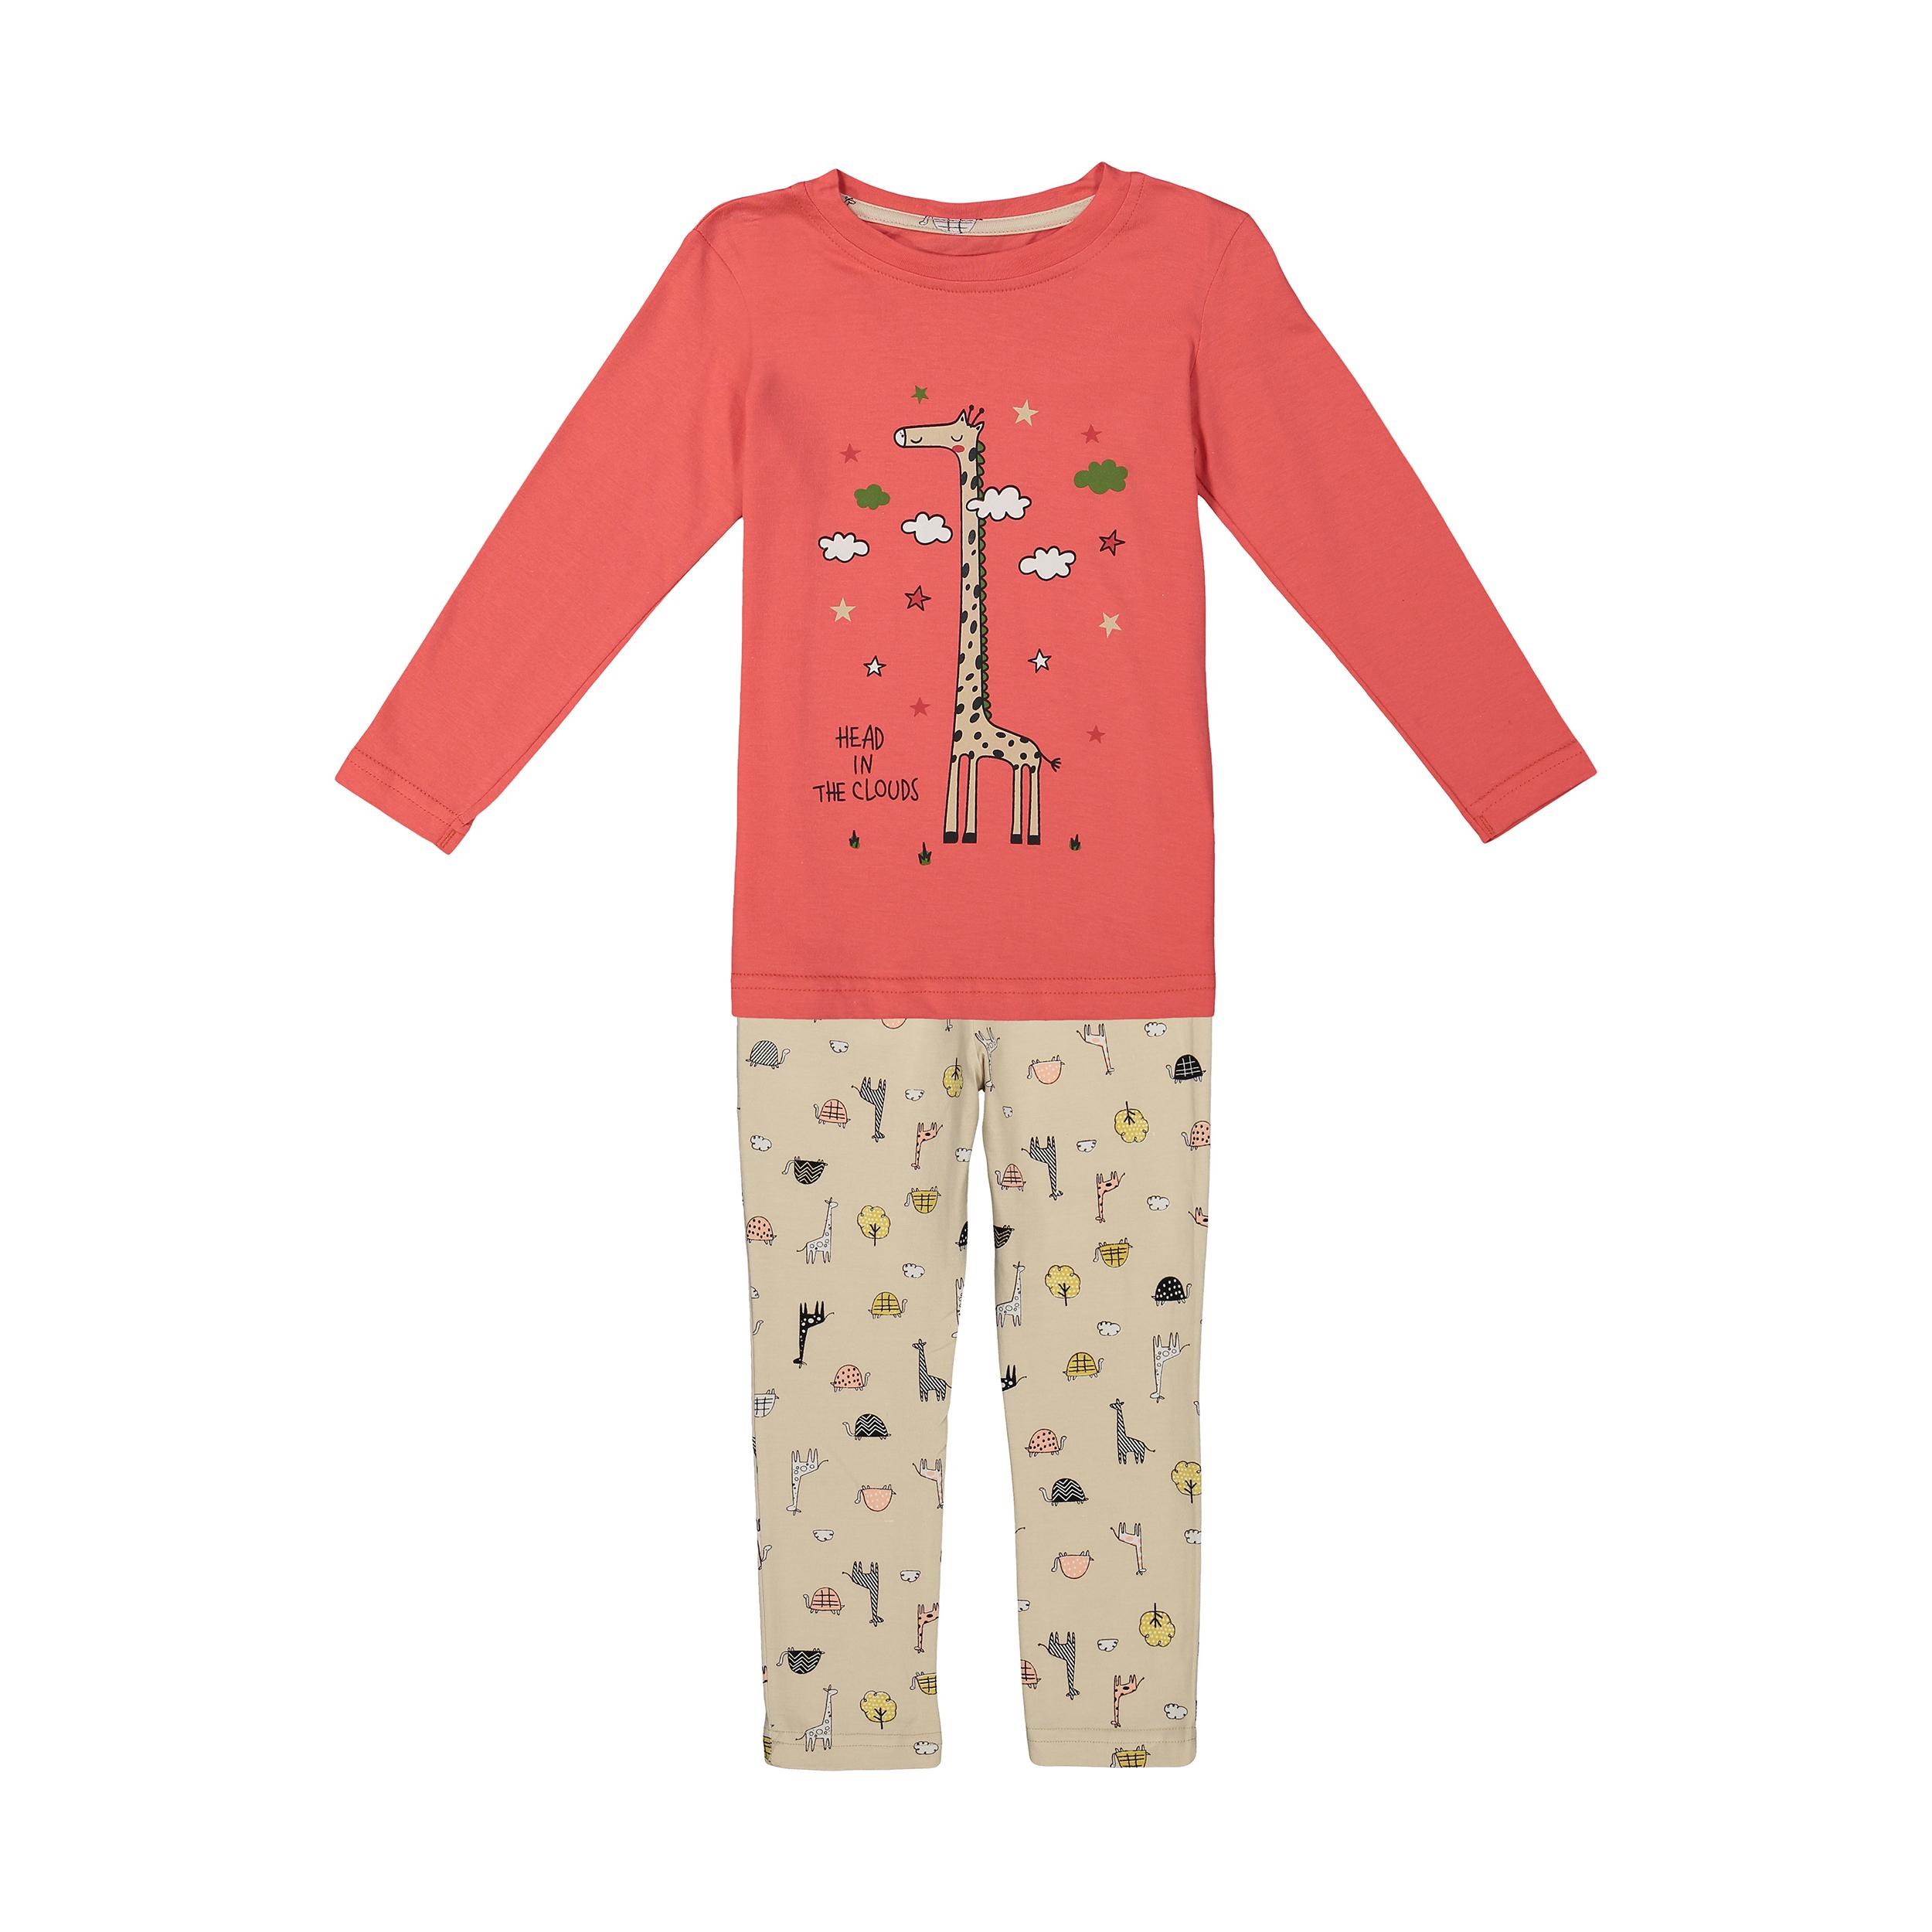 ست تی شرت و شلوار دخترانه ناربن مدل 1521273-72